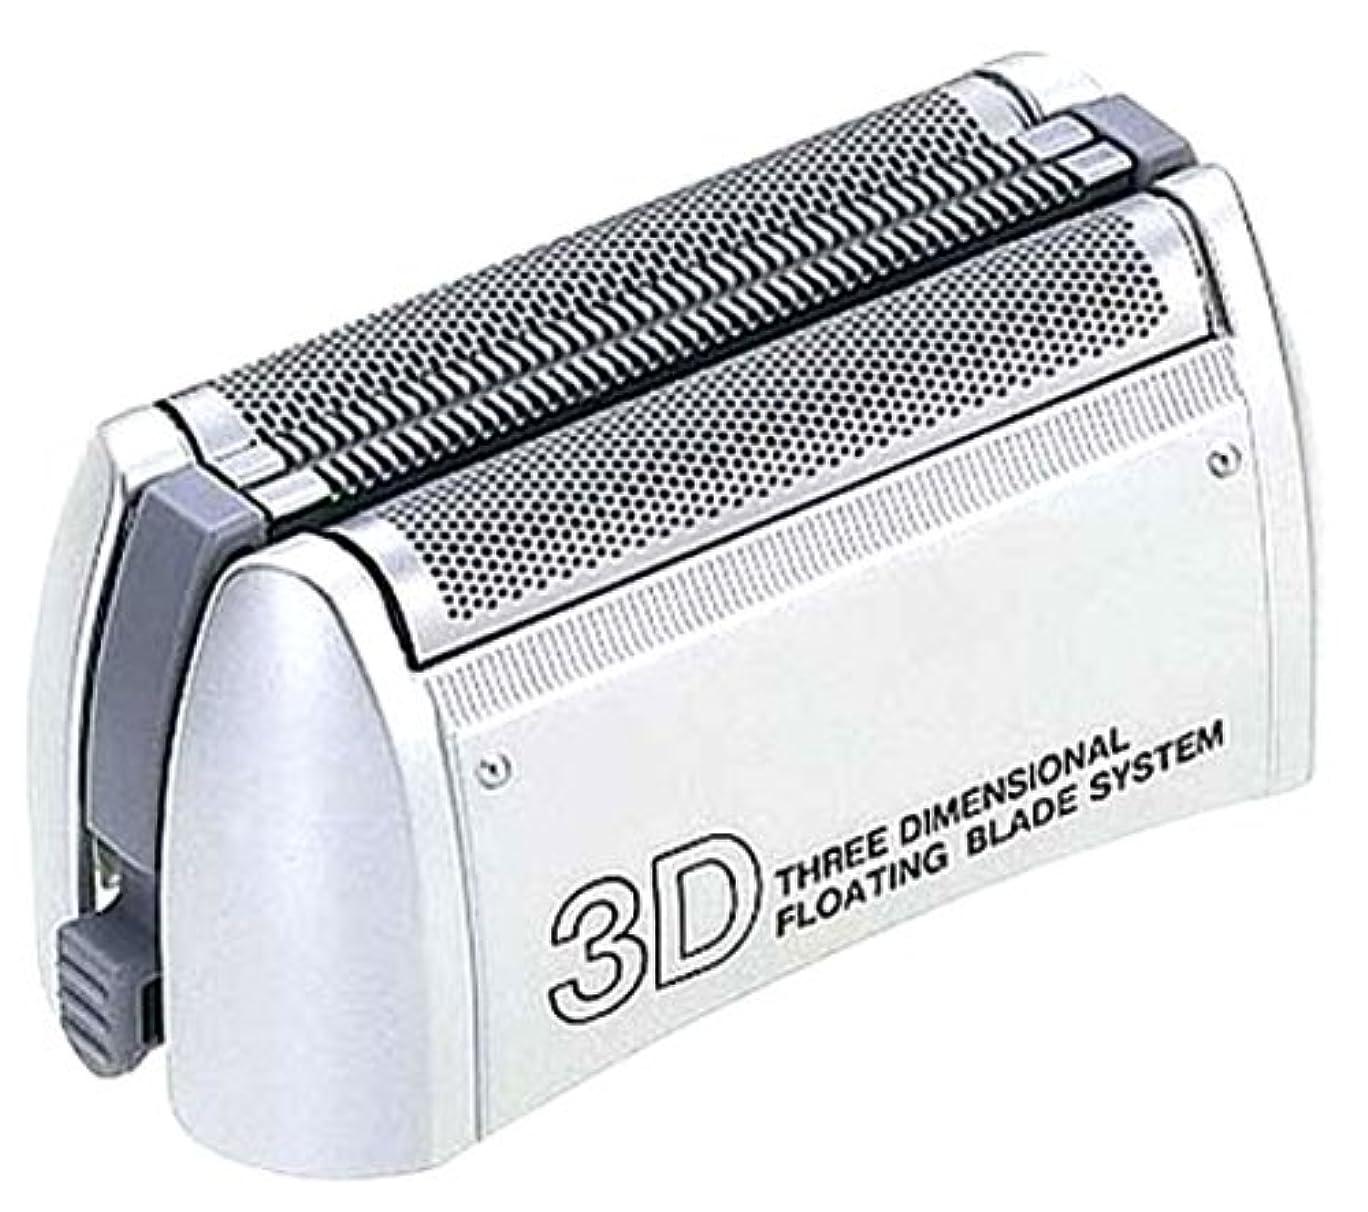 論争的機転今日パナソニック 替刃 リニアスムーサー3D メンズシェーバー用外刃 ES9081